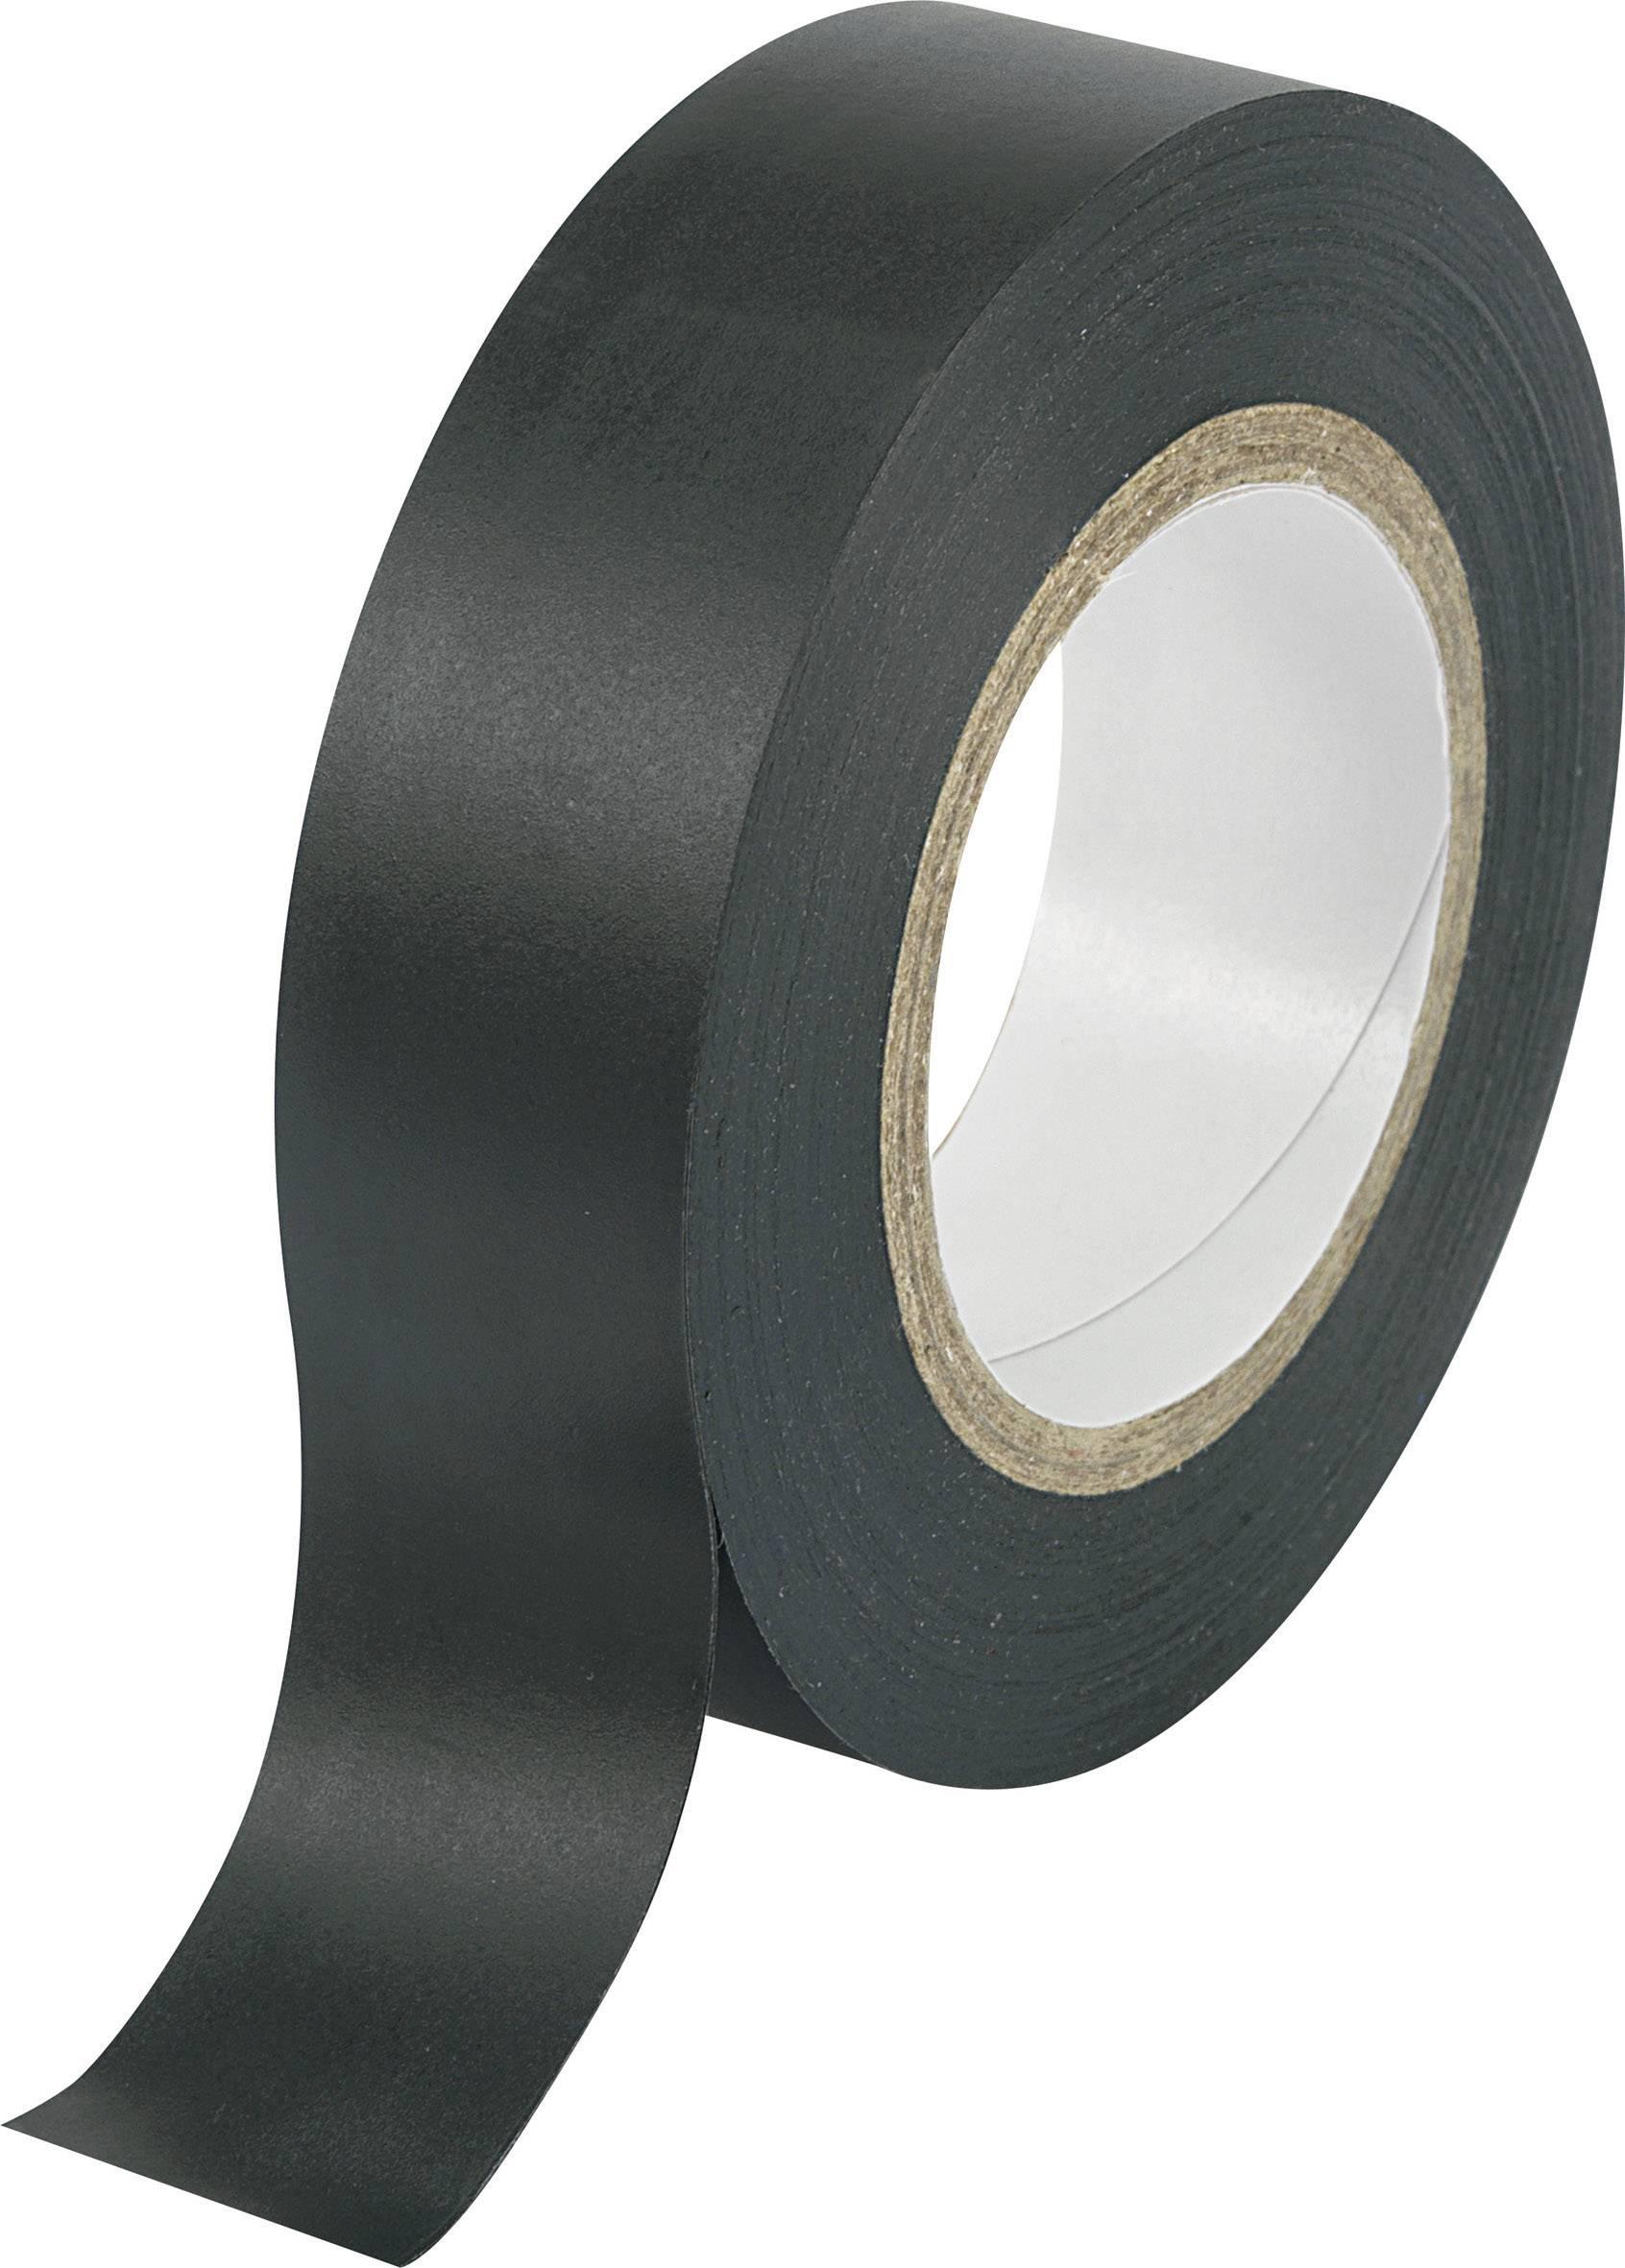 Izolačná páska Conrad Components SW10-156 541124, (d x š) 10 m x 19 mm, čierna, 1 roliek